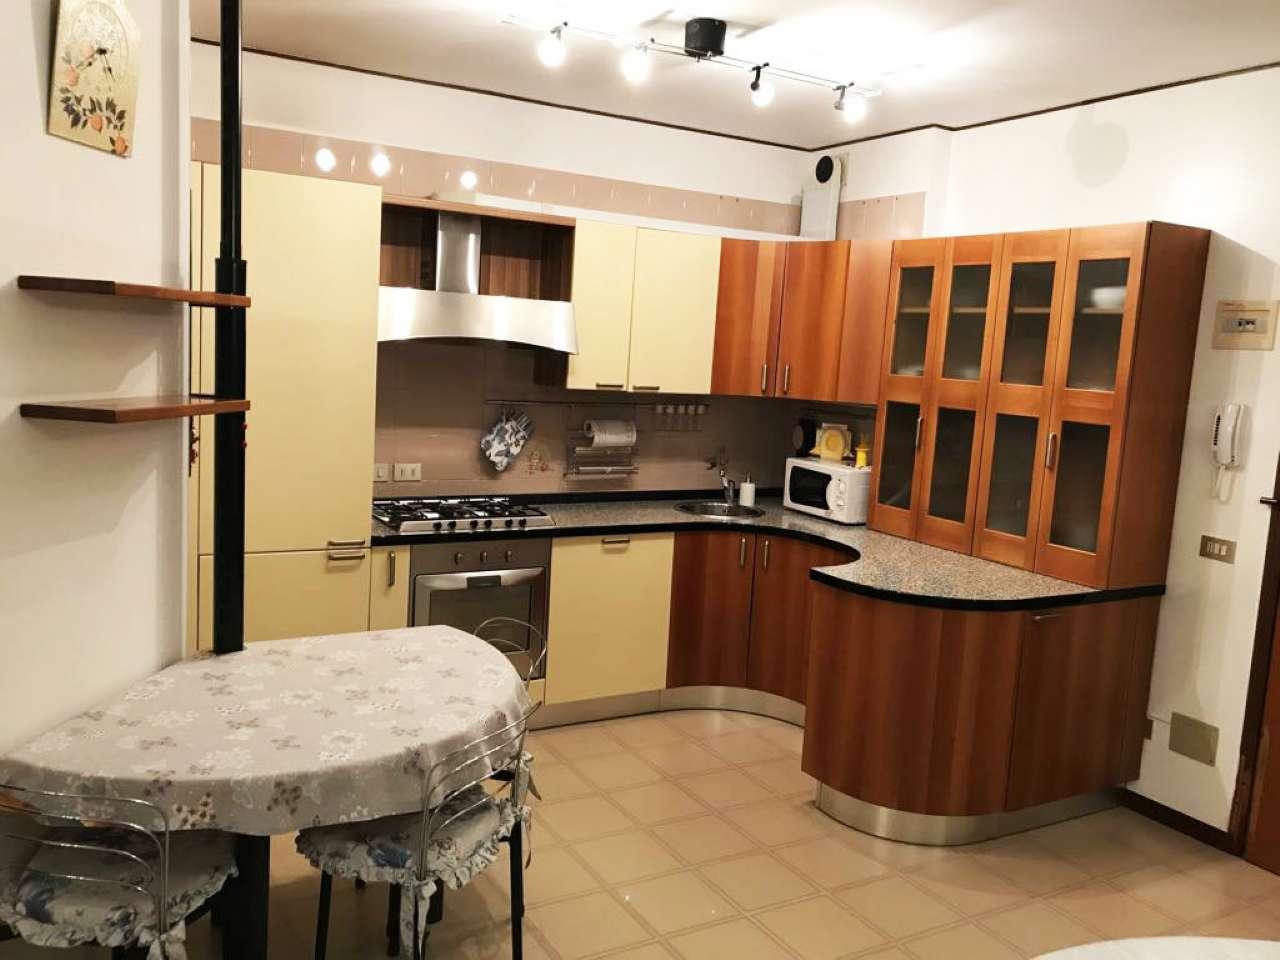 Appartamento in vendita a Santa Maria di Sala, 4 locali, prezzo € 129.000 | CambioCasa.it